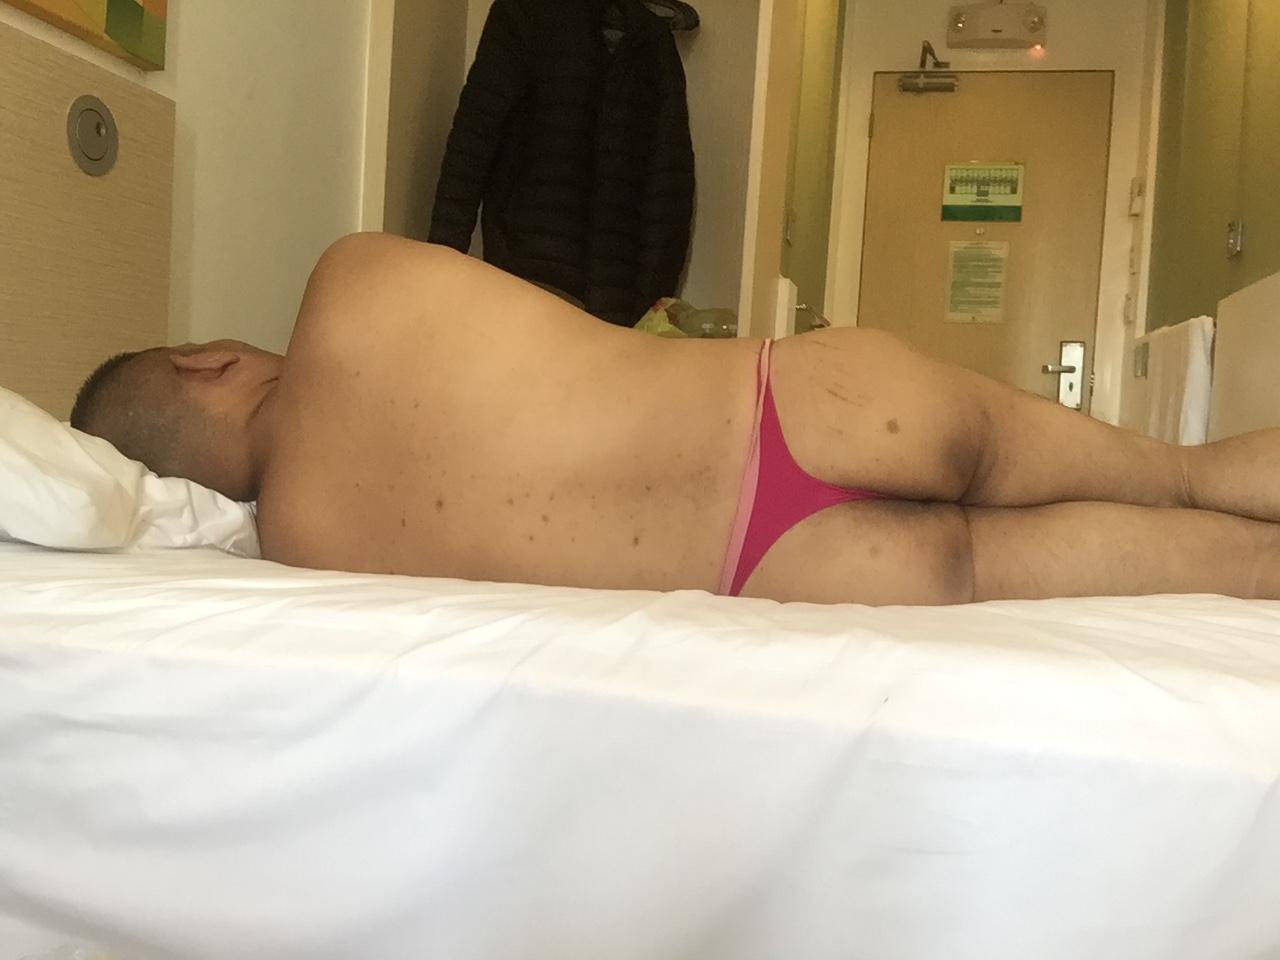 Bikini sun bather (75/218)